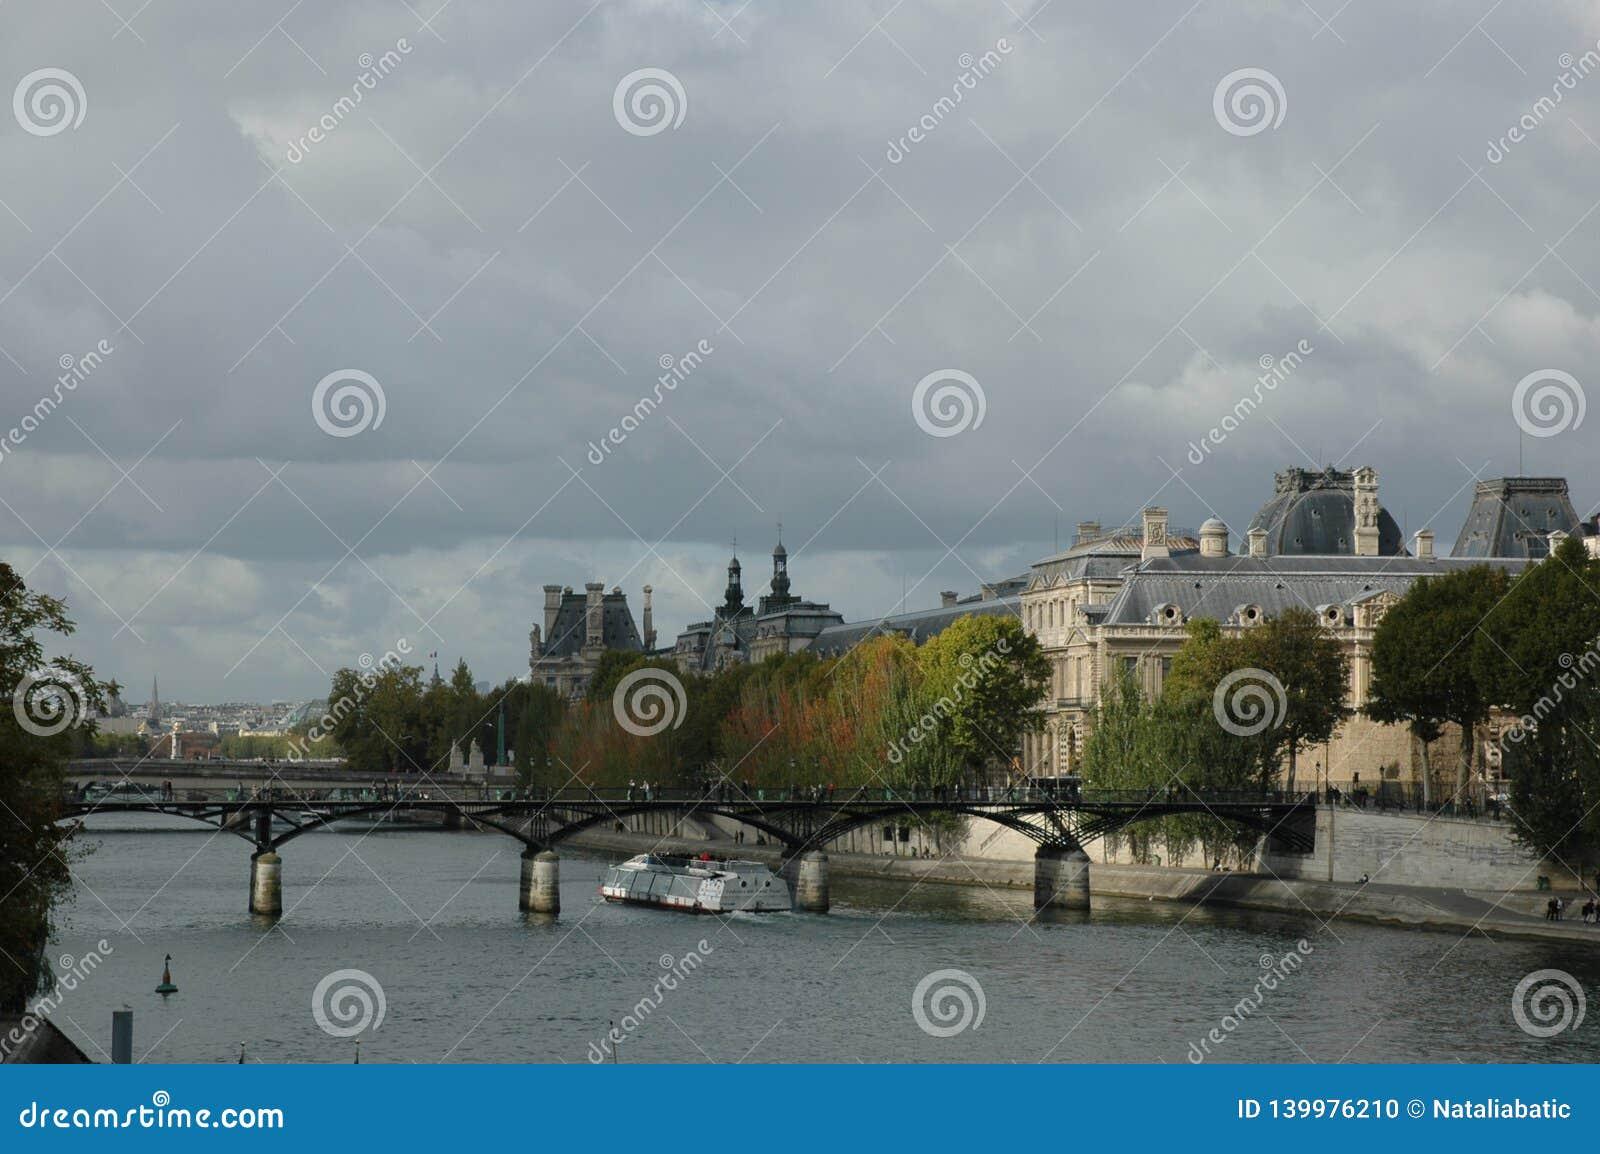 Pont de la Seine, Pont des Arts - Paris, France